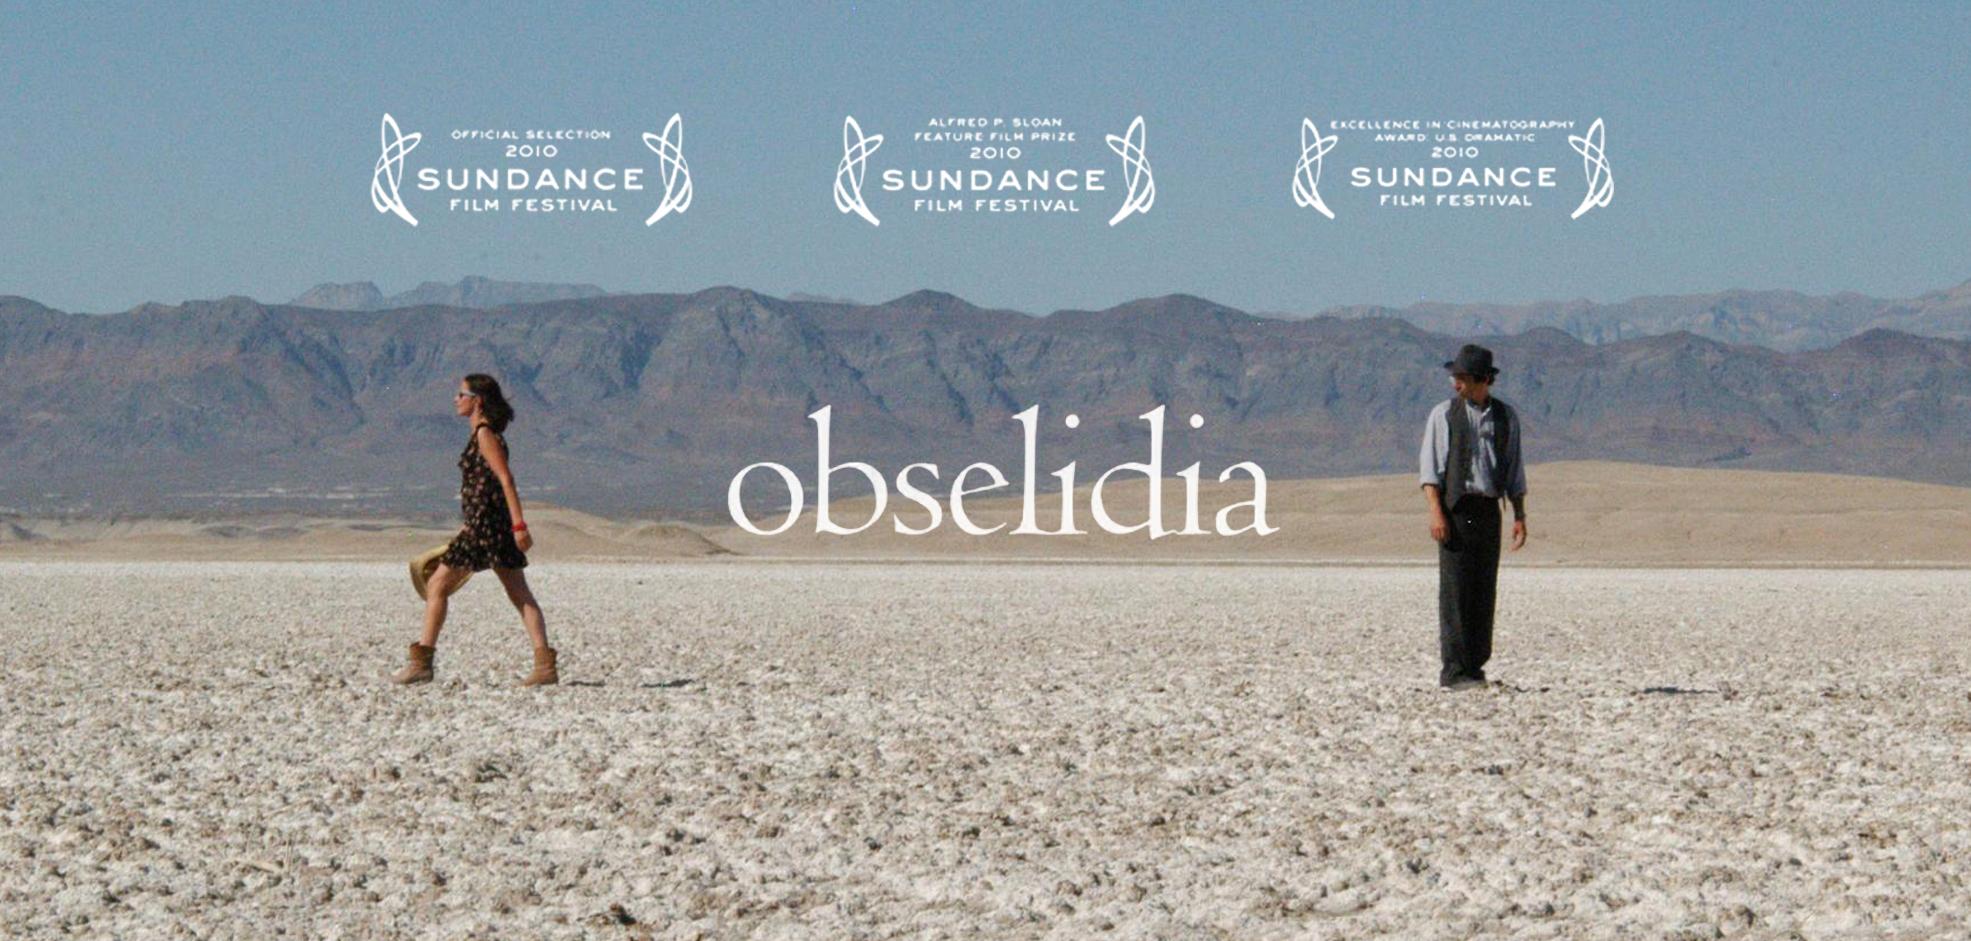 Winner of the Sundance award for best Cinemotography